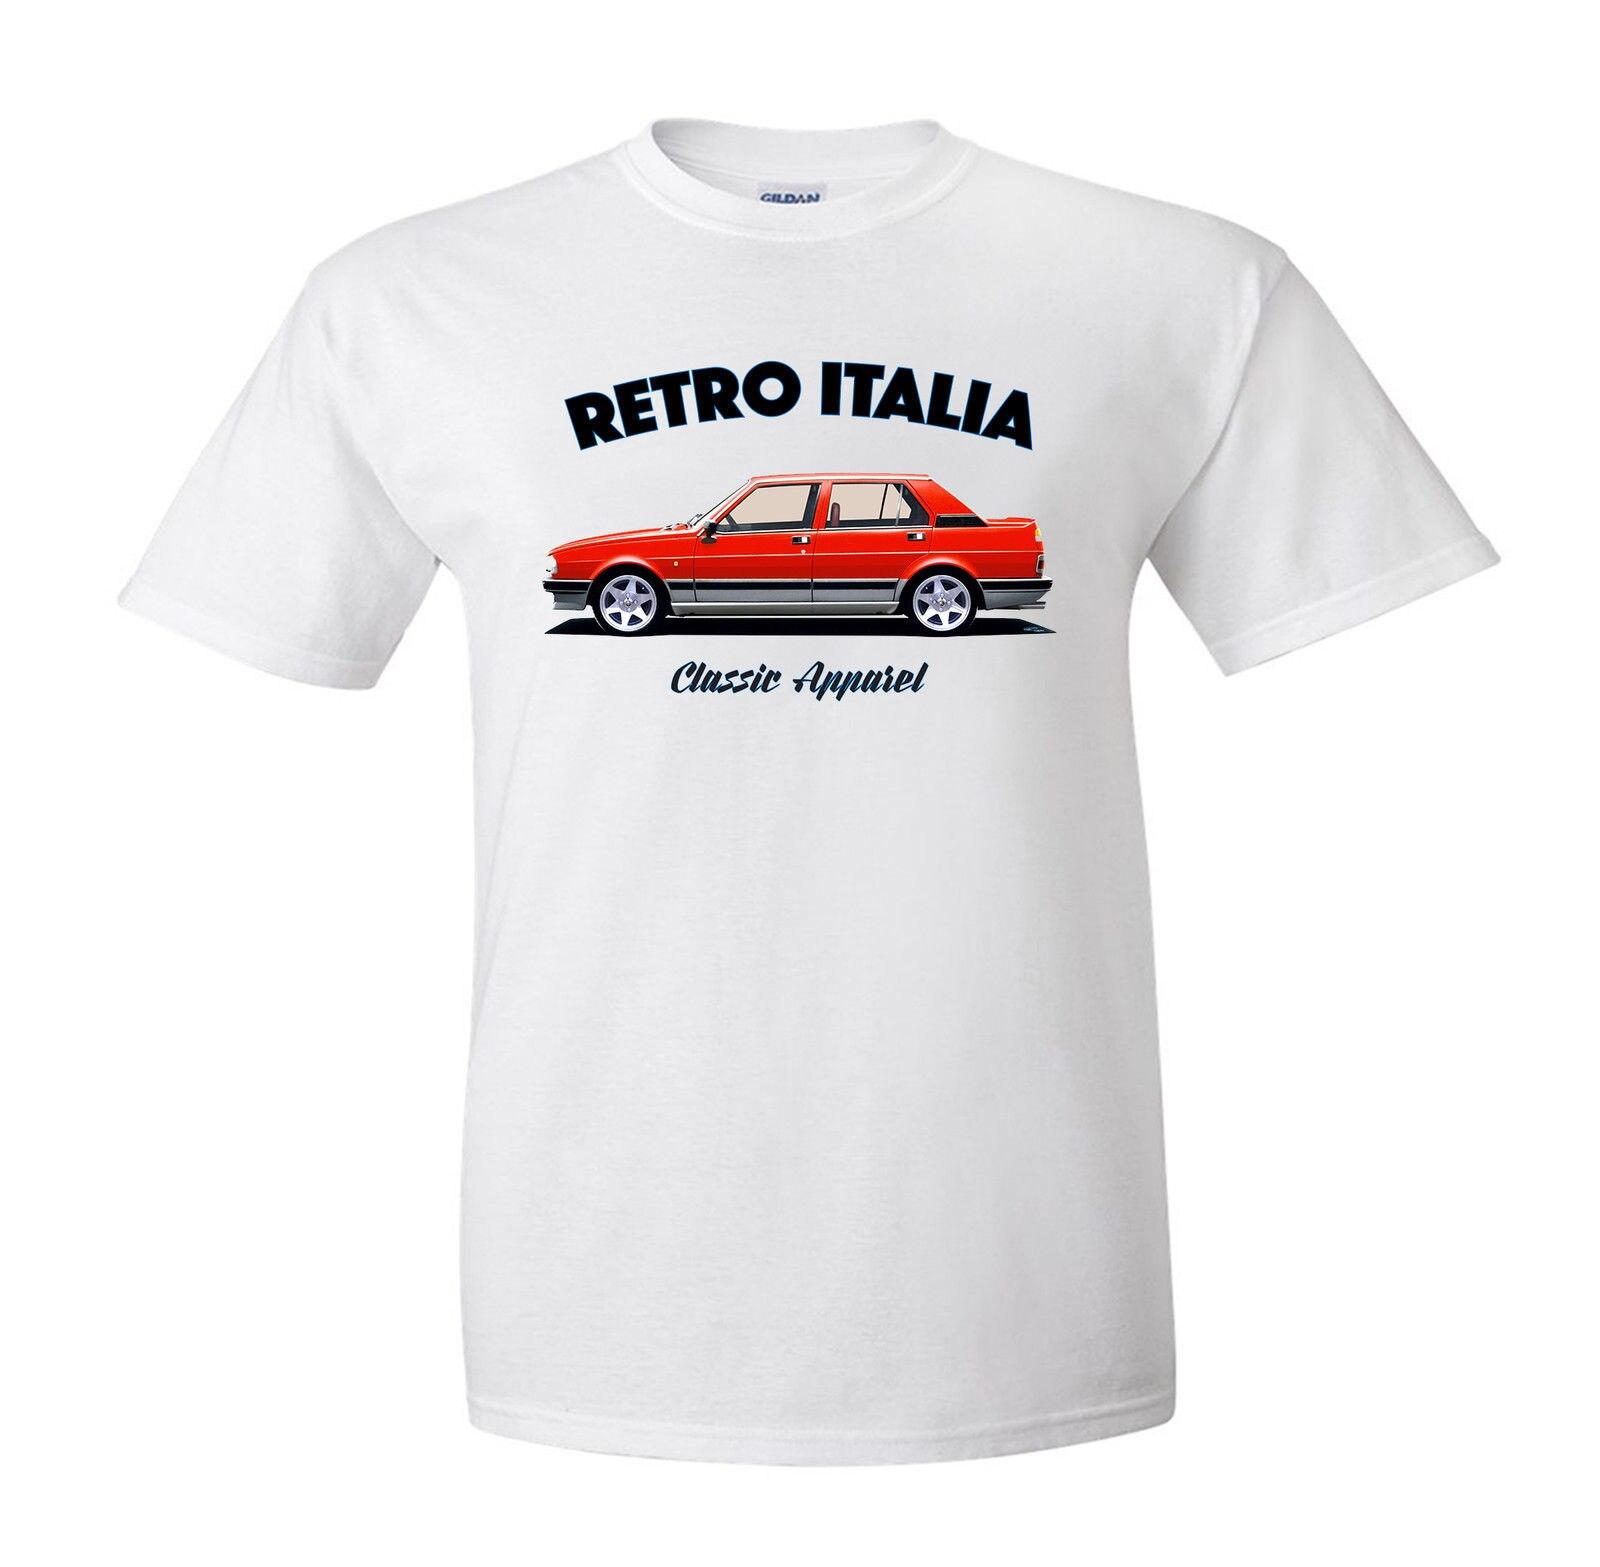 Camiseta de Fans de coches clásicos italianos de alta calidad nueva marca 2019. Retro Italia ¡Coche clásico! Camisas italianas ofensivas